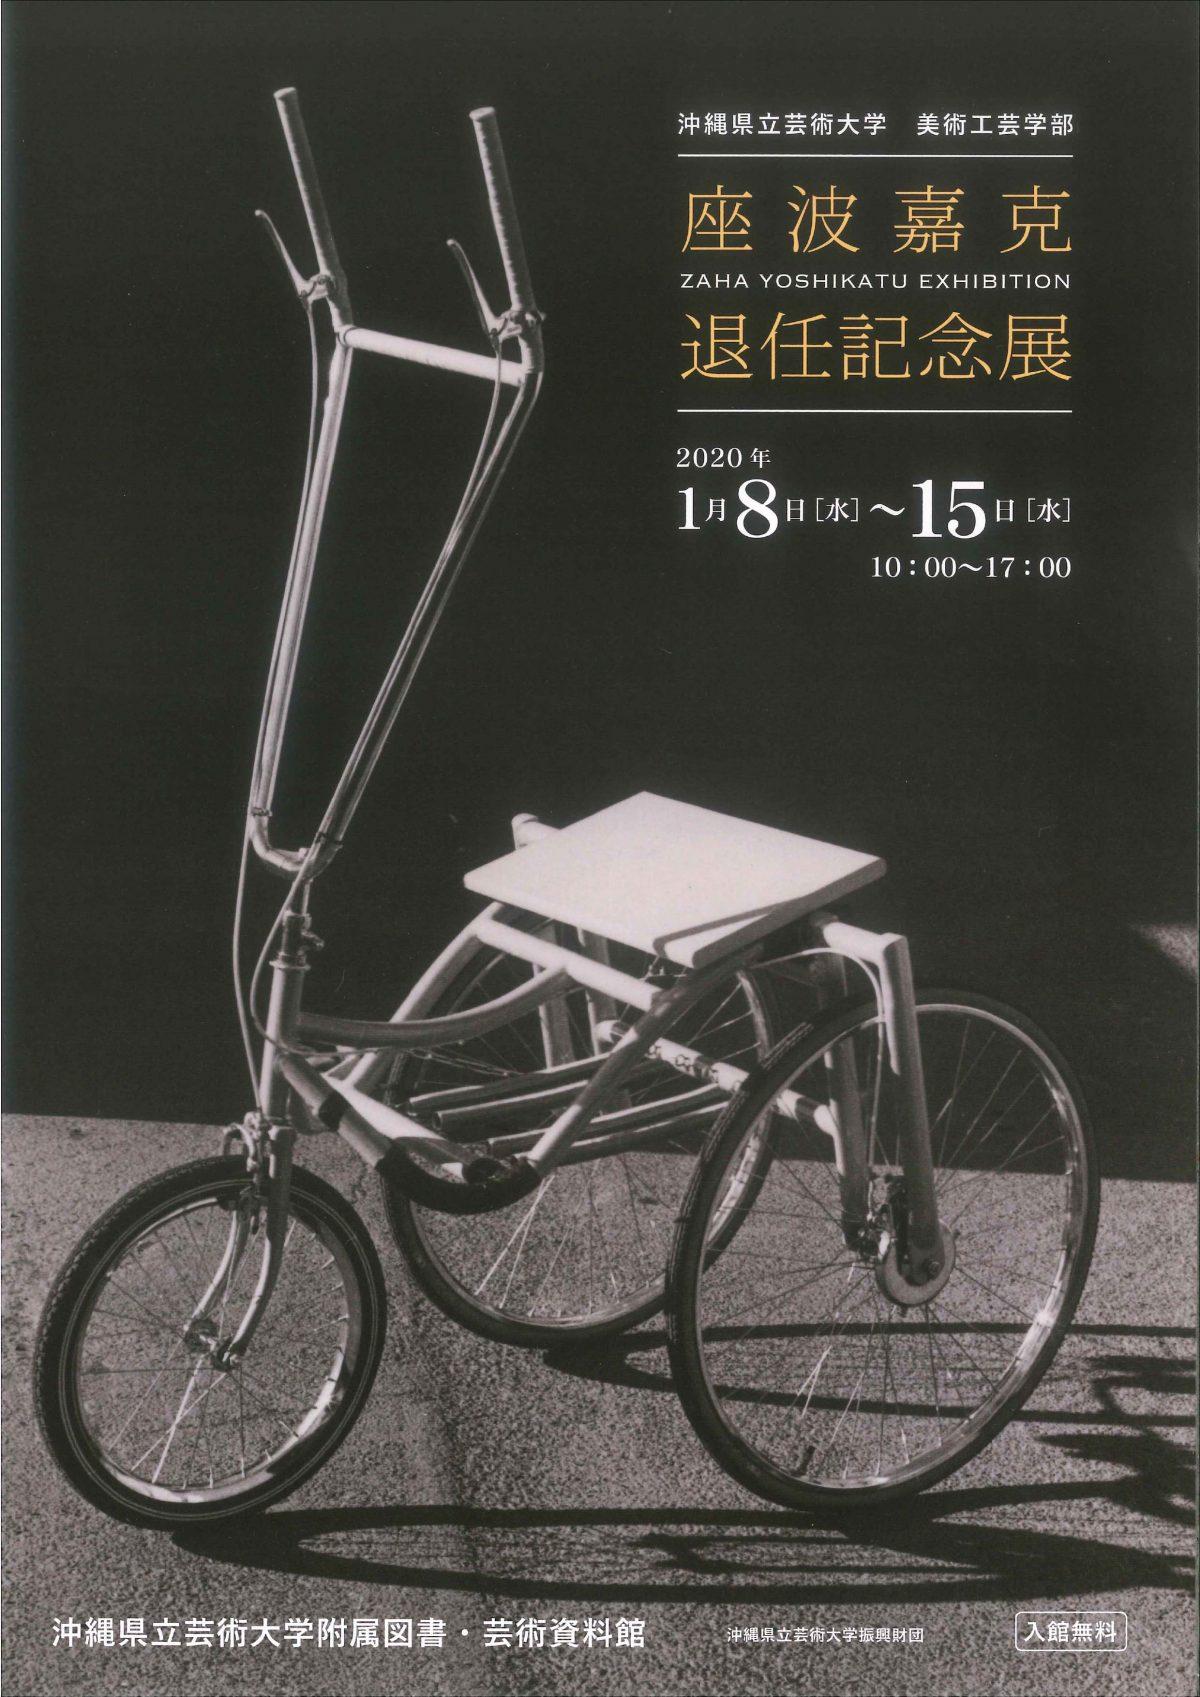 2020年1月8日(水)〜15日(水)「座波嘉克 退任記念展」開催!